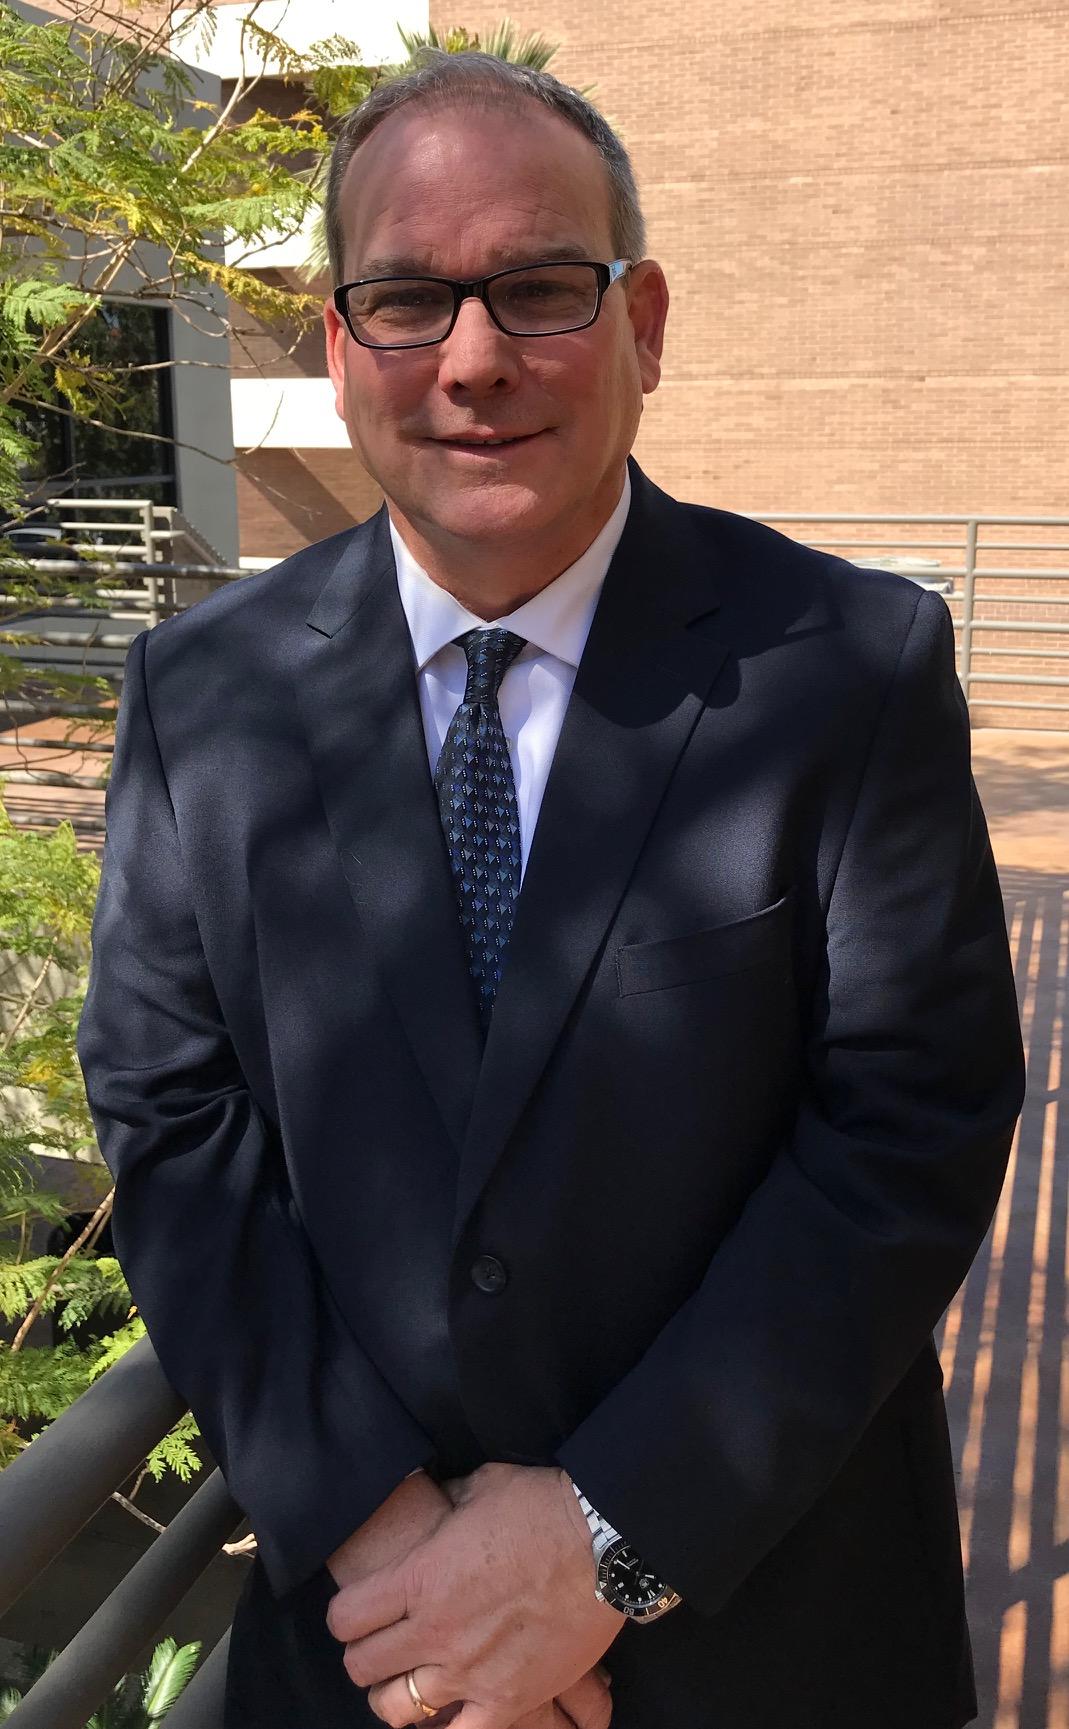 Erik Rouff